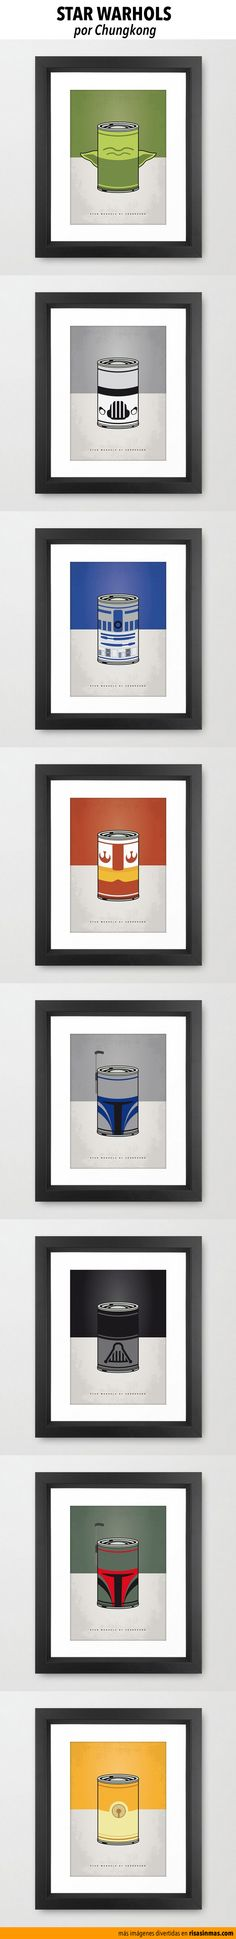 Star Warhols. Personajes de Star Wars recreados con el icónico bote de sopa de Andy Warhol.   Imágenes por Chungkong.